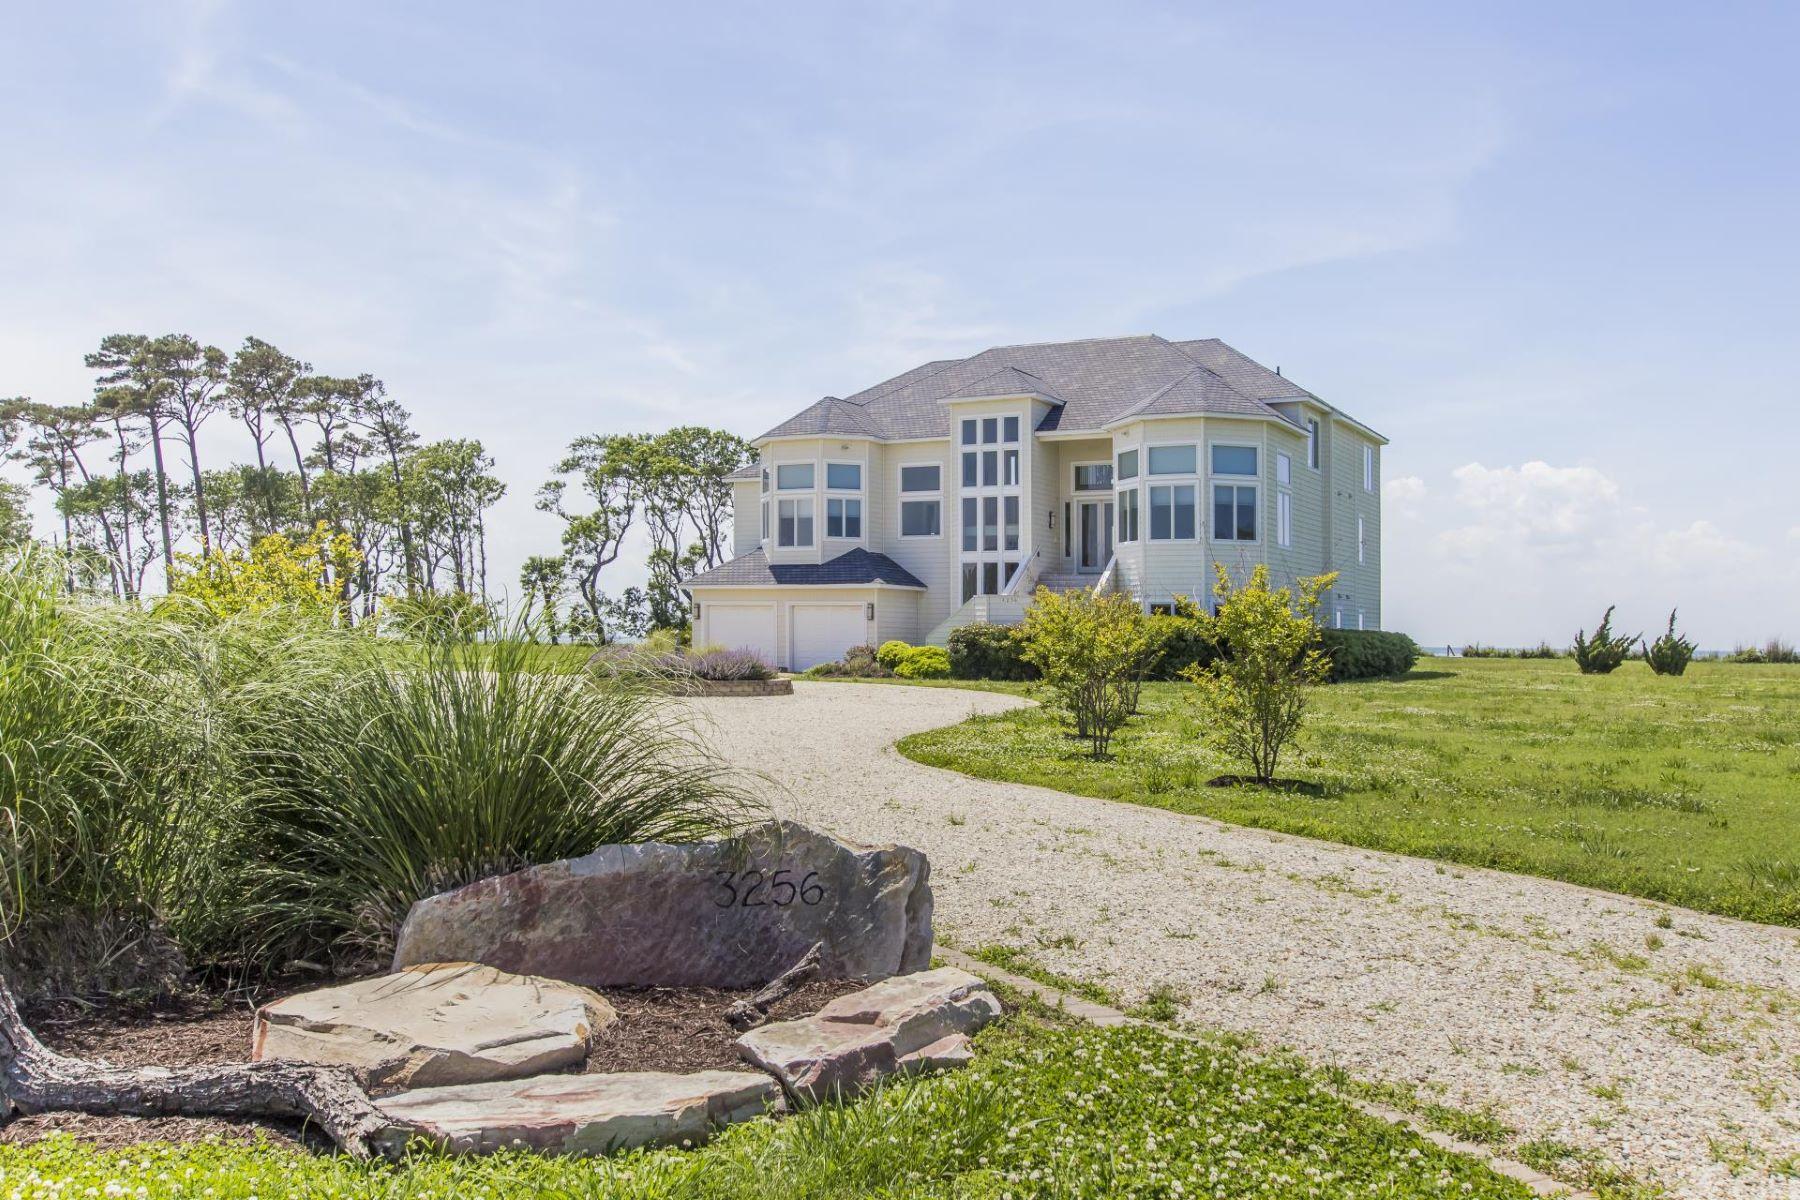 Villa per Vendita alle ore Sunset Shores 3256 Sunset Way Machipongo, Virginia, 23405 Stati Uniti